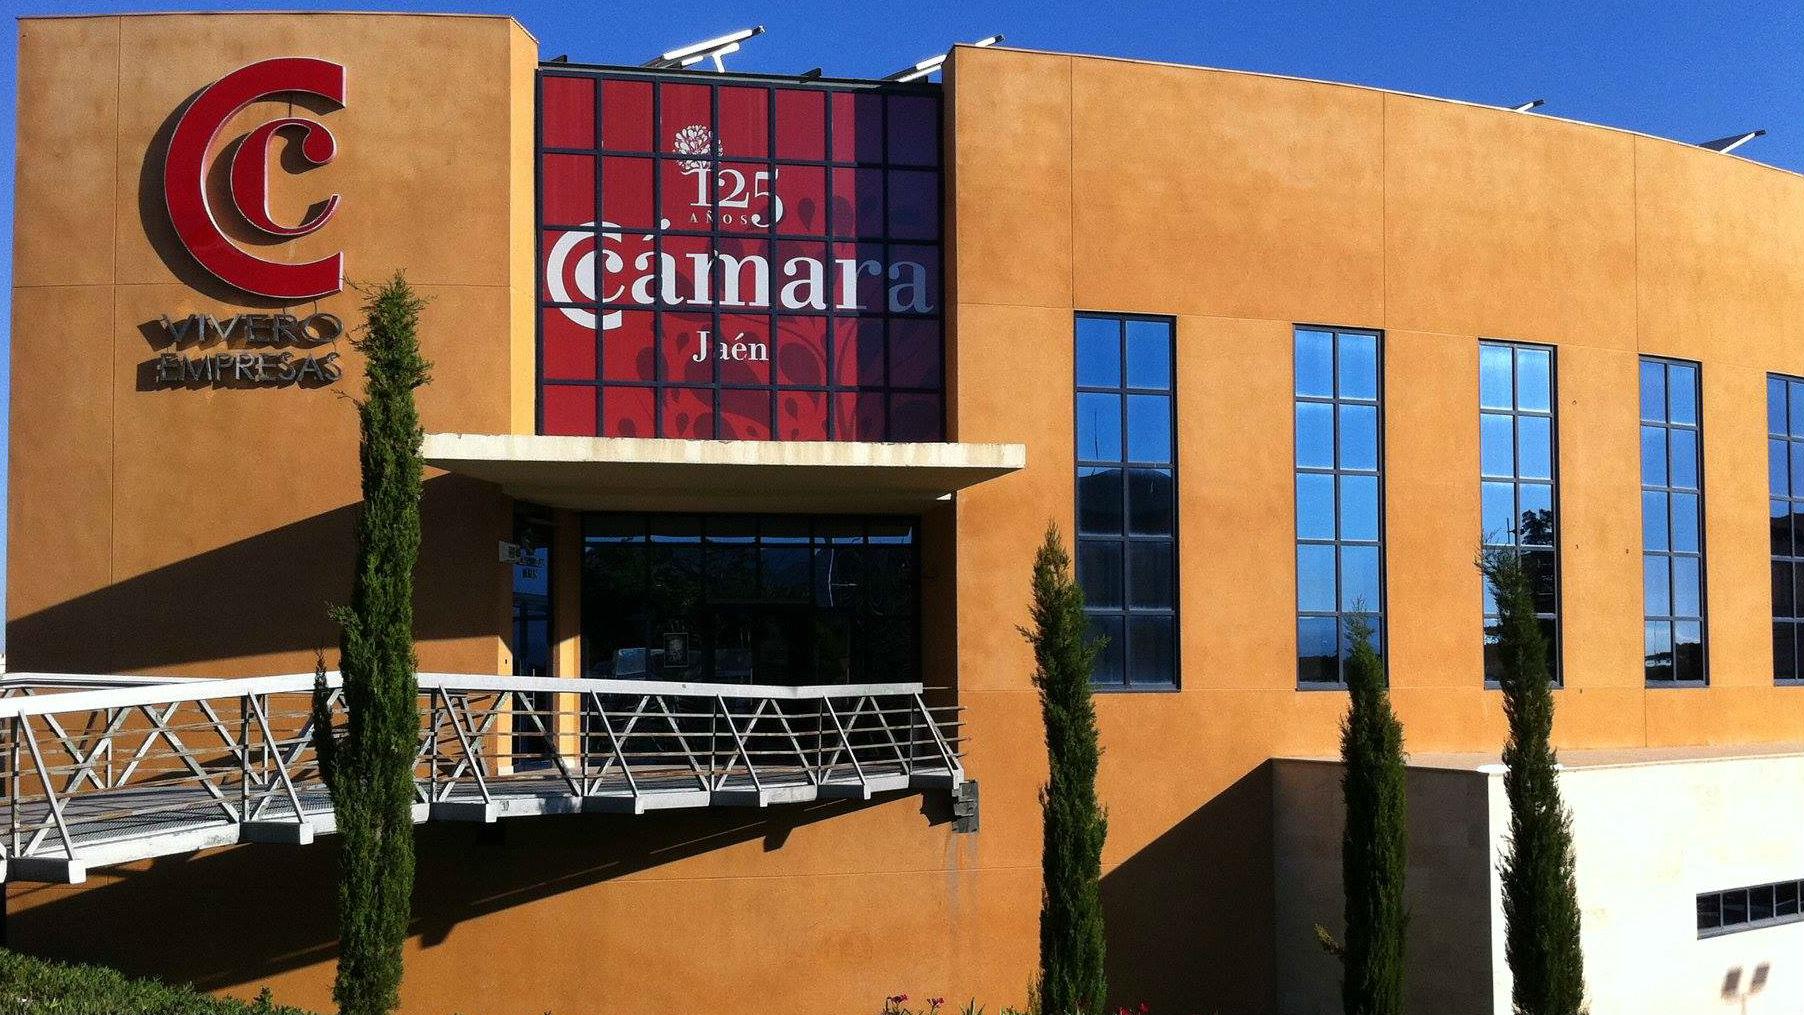 Sede de la Cámara Oficial de Comercio e Industria de Jaén